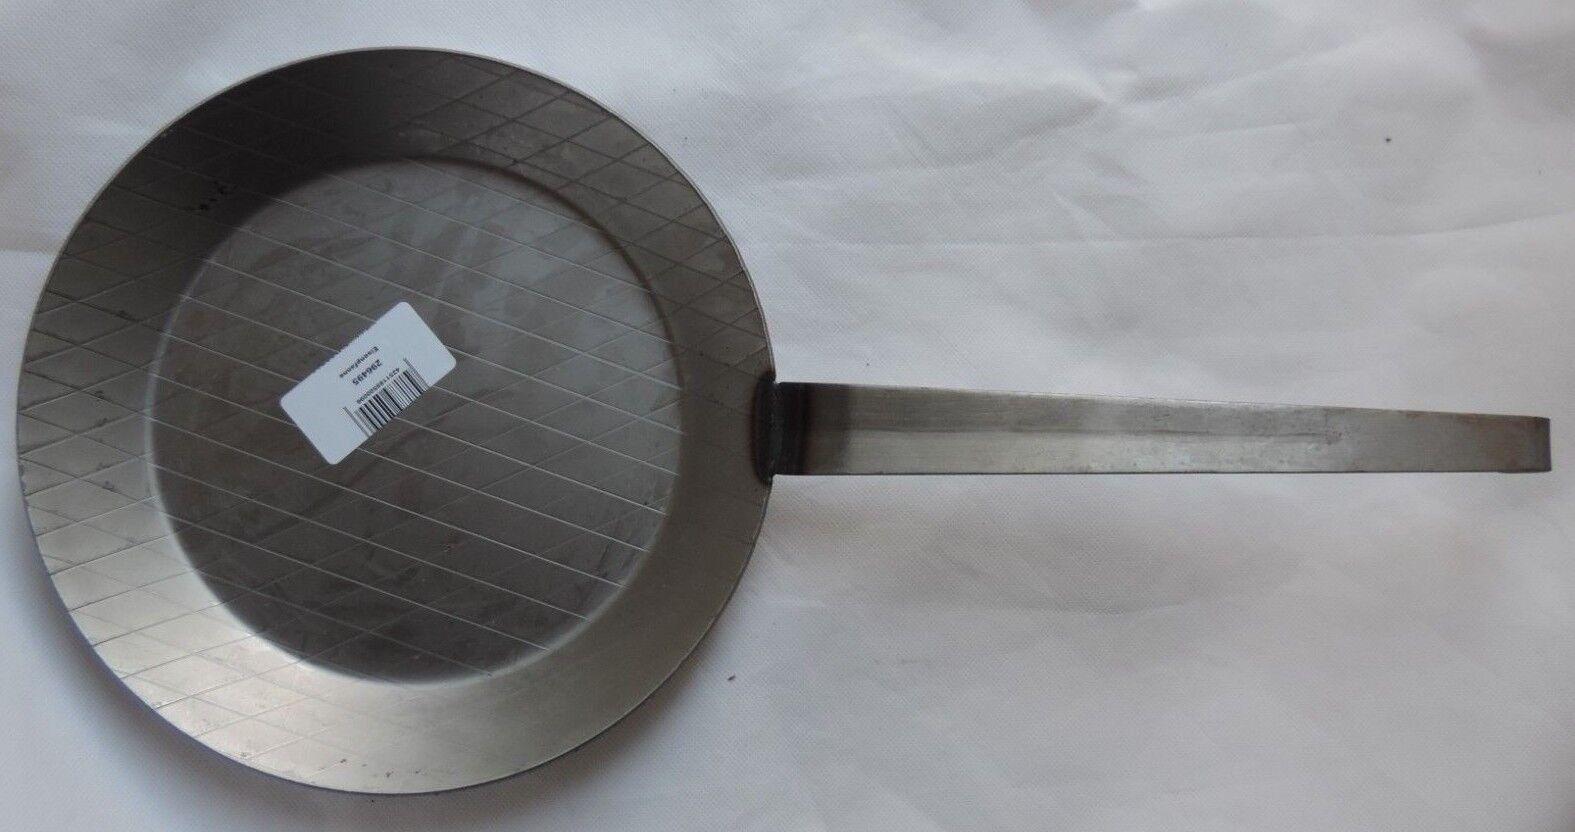 Edelstahl Grillpfanne Für Gasgrill : Grillpfanne gasgrill test vergleich grillpfanne gasgrill günstig